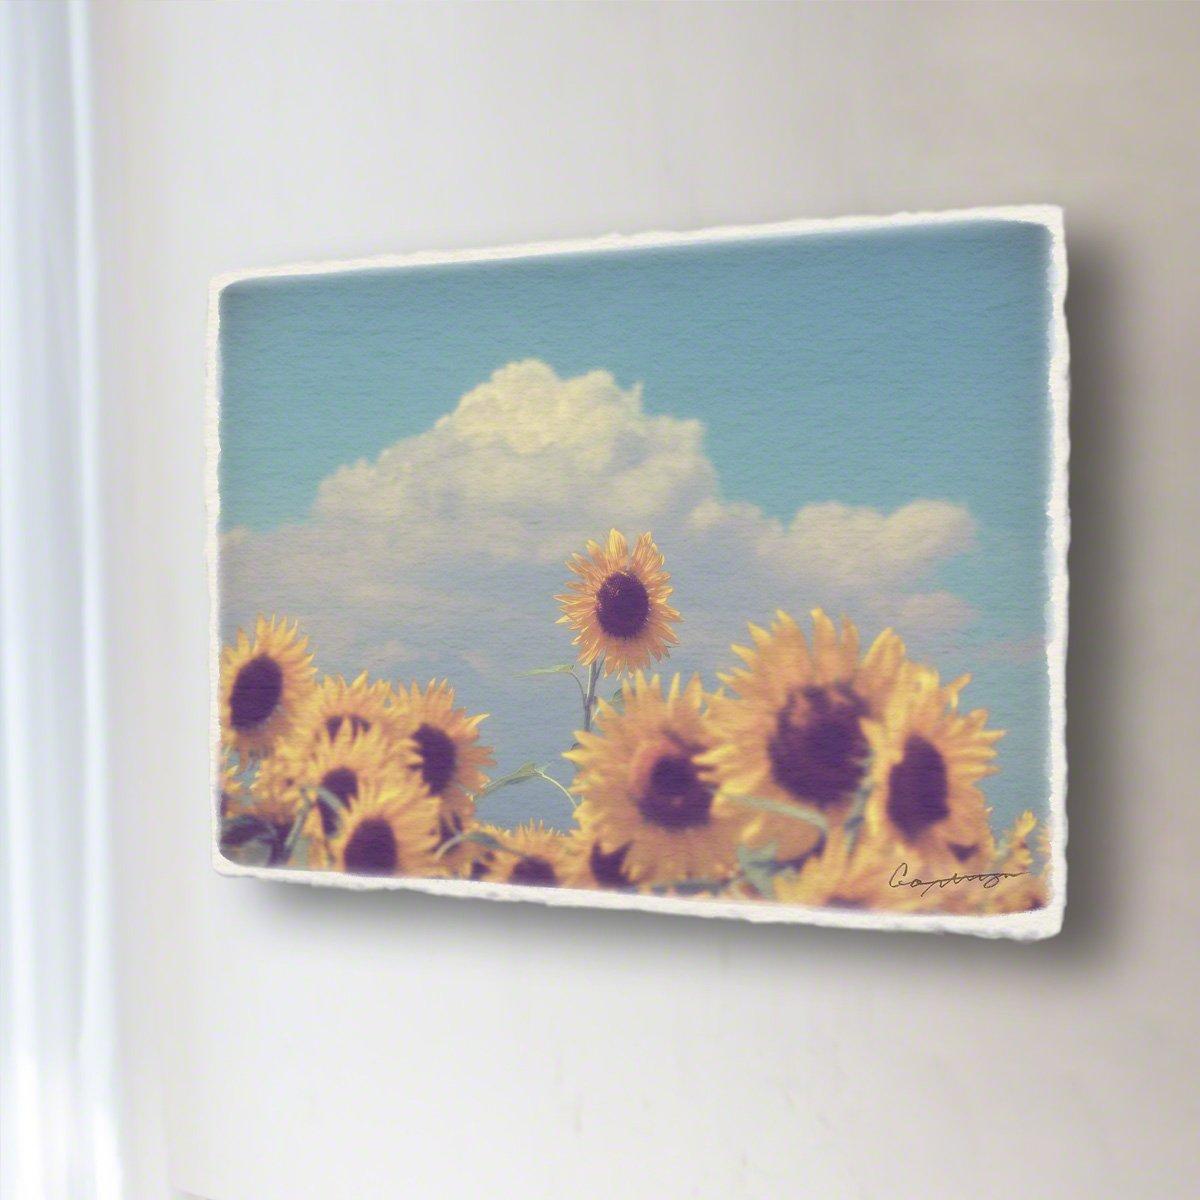 和紙 アートパネル 「入道雲と顔を出したヒマワリの花」 (48x36cm) 花 絵 絵画 壁掛け 壁飾り インテリア アート B07F1TT2T3 15.アートパネル(長辺54cm) 29800円|入道雲と顔を出したヒマワリの花 入道雲と顔を出したヒマワリの花 15.アートパネル(長辺54cm) 29800円